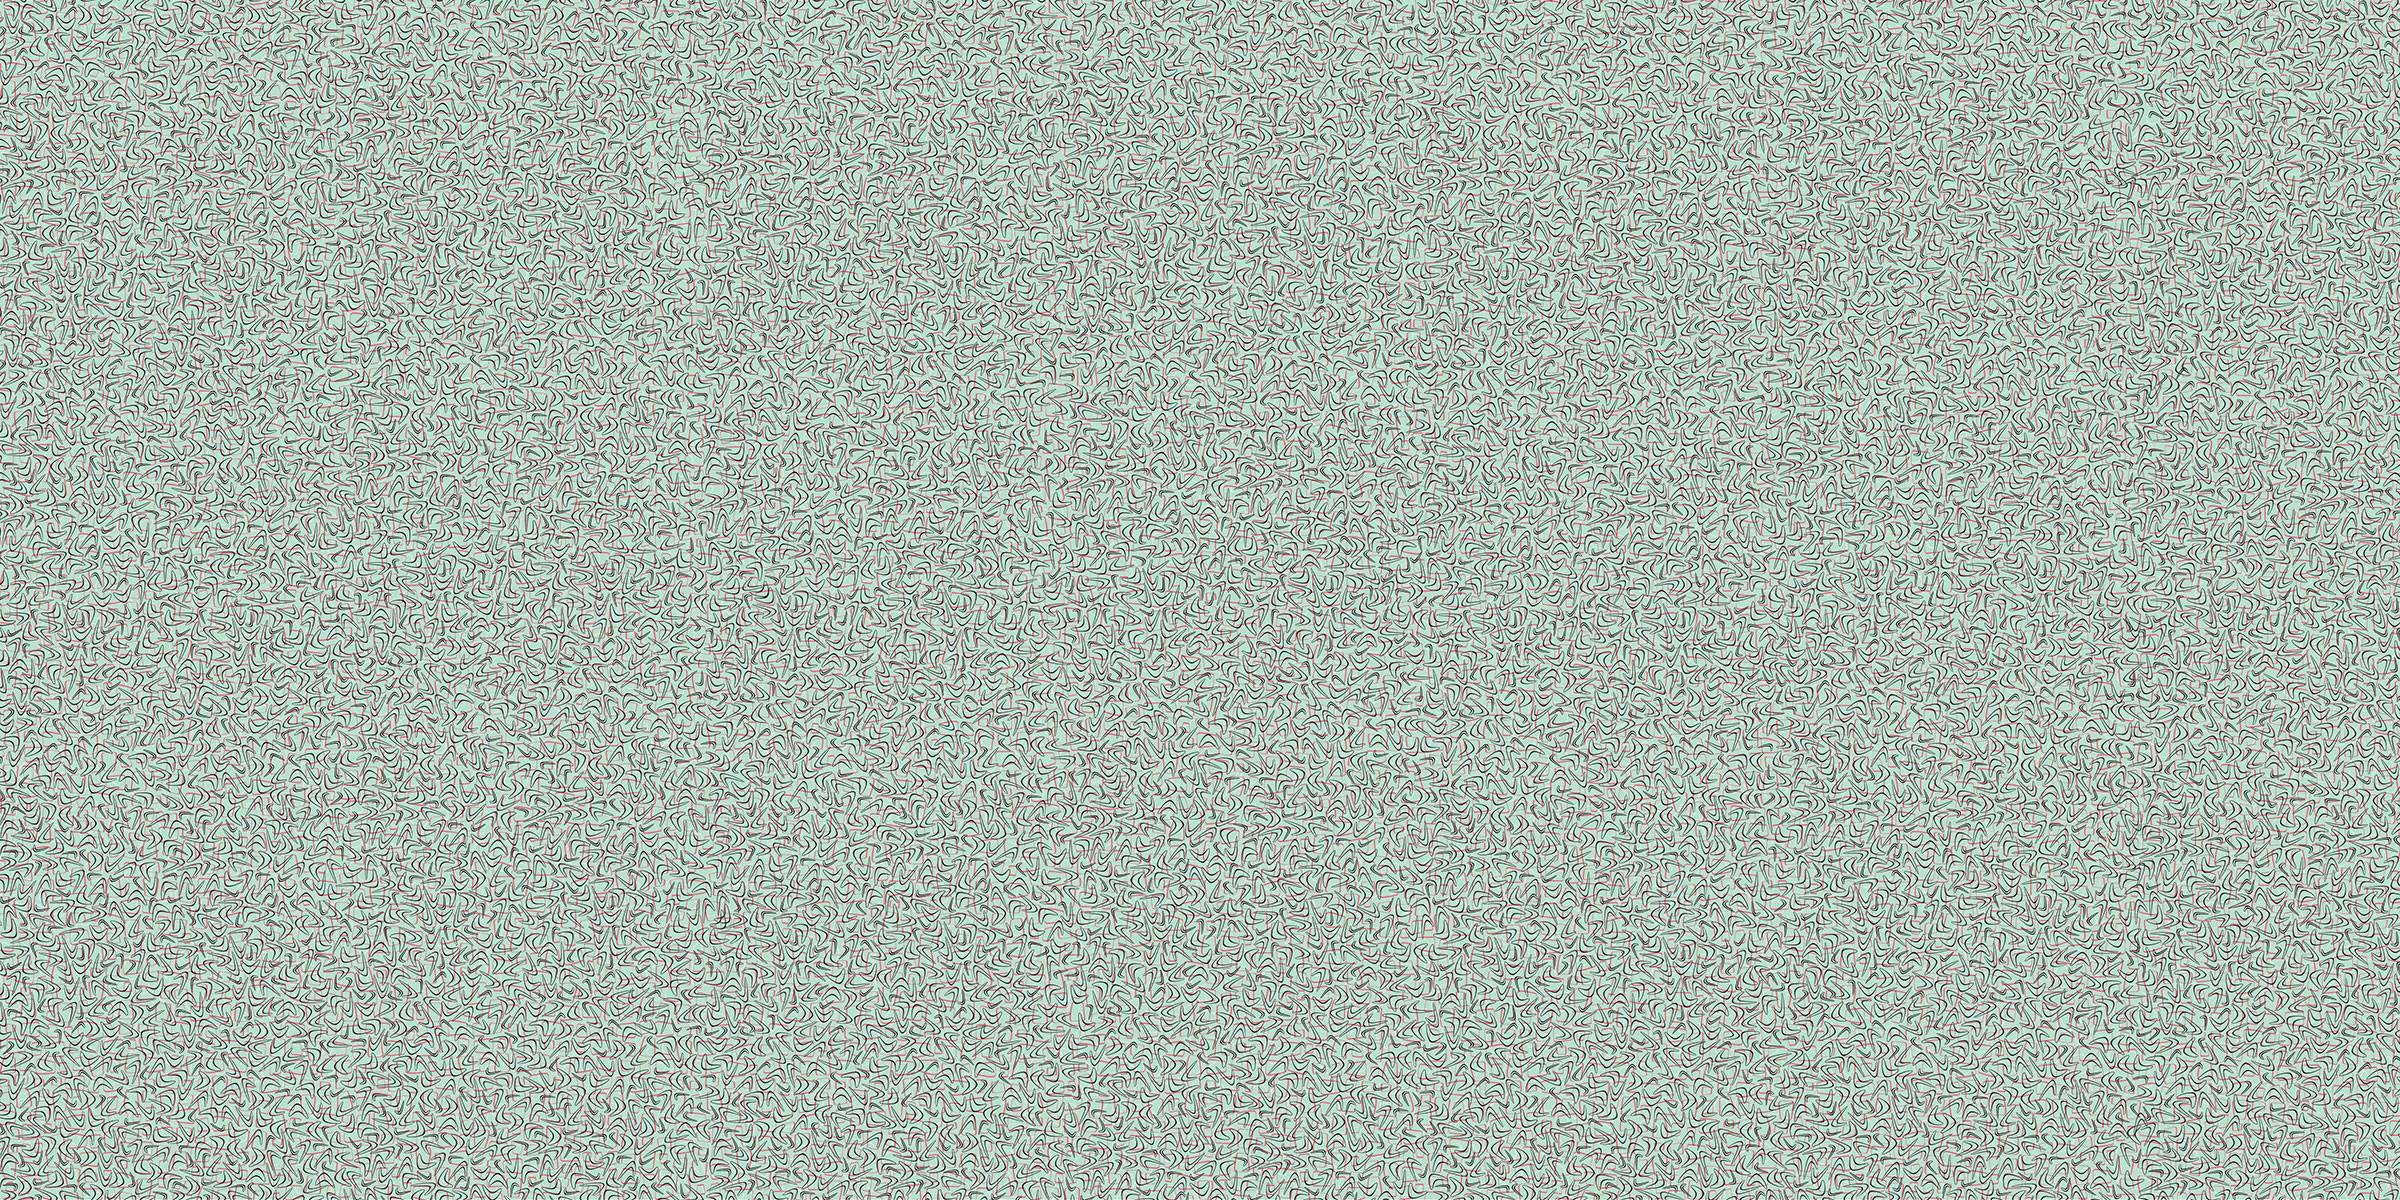 Y0236 Retro Mint Laminate Countertops